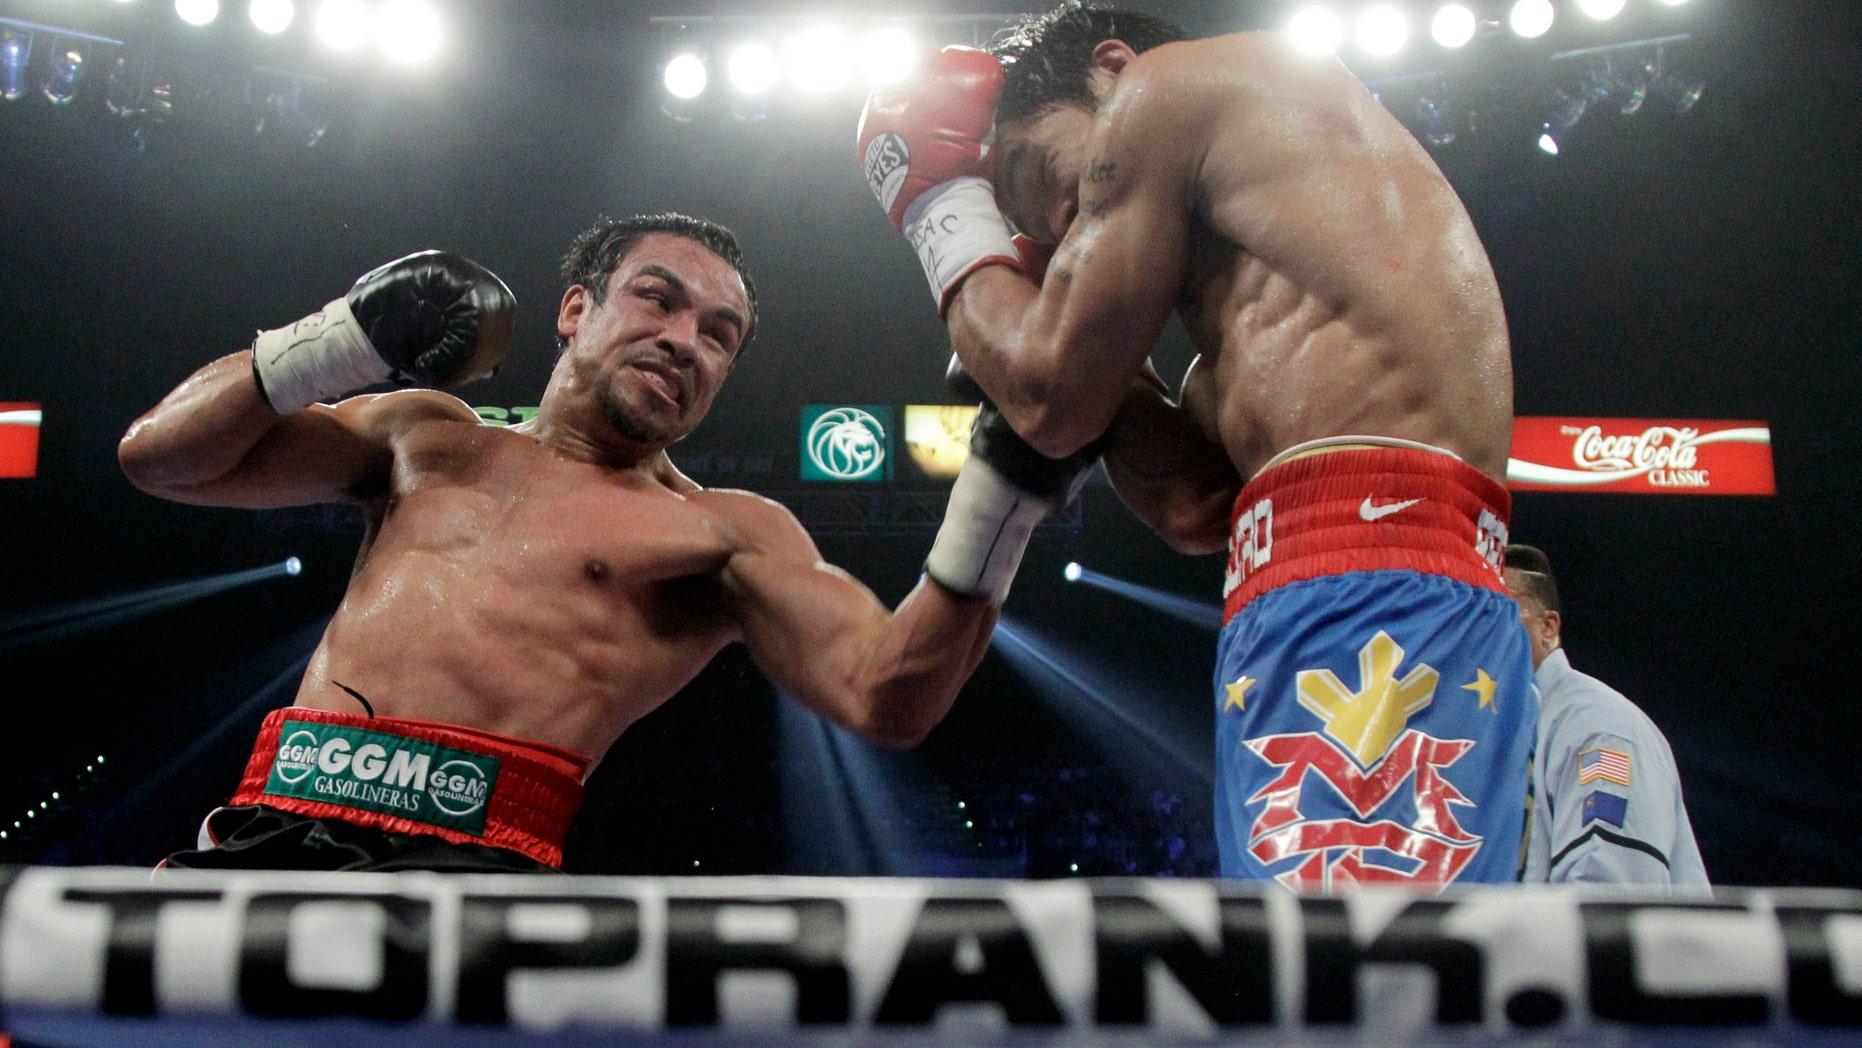 El filipino Manny Pacquiao, derecha, recibe un golpe de izquierda dal mexicano Juan Manuel Márquez durante la pelea por el título de peso welter de la OMB, el sábado 12 de noviembre de 2011, en Las Vegas. (Foto AP/Julie Jacobson)